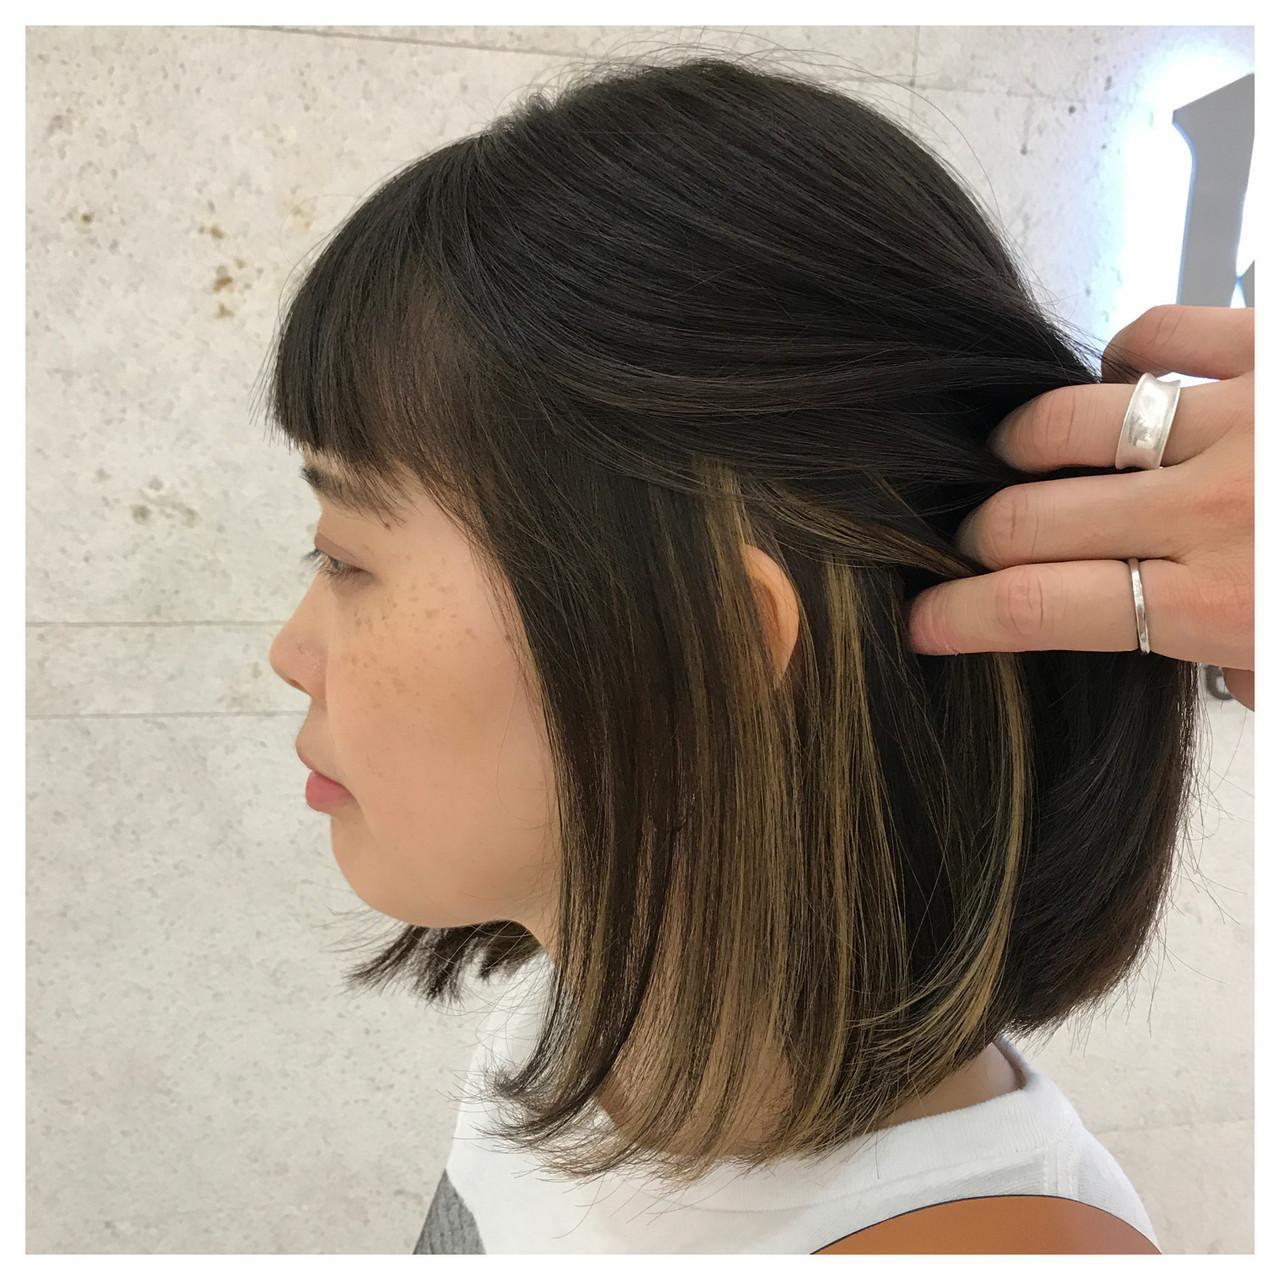 モード ハイライト アンニュイ インナーカラー ヘアスタイルや髪型の写真・画像